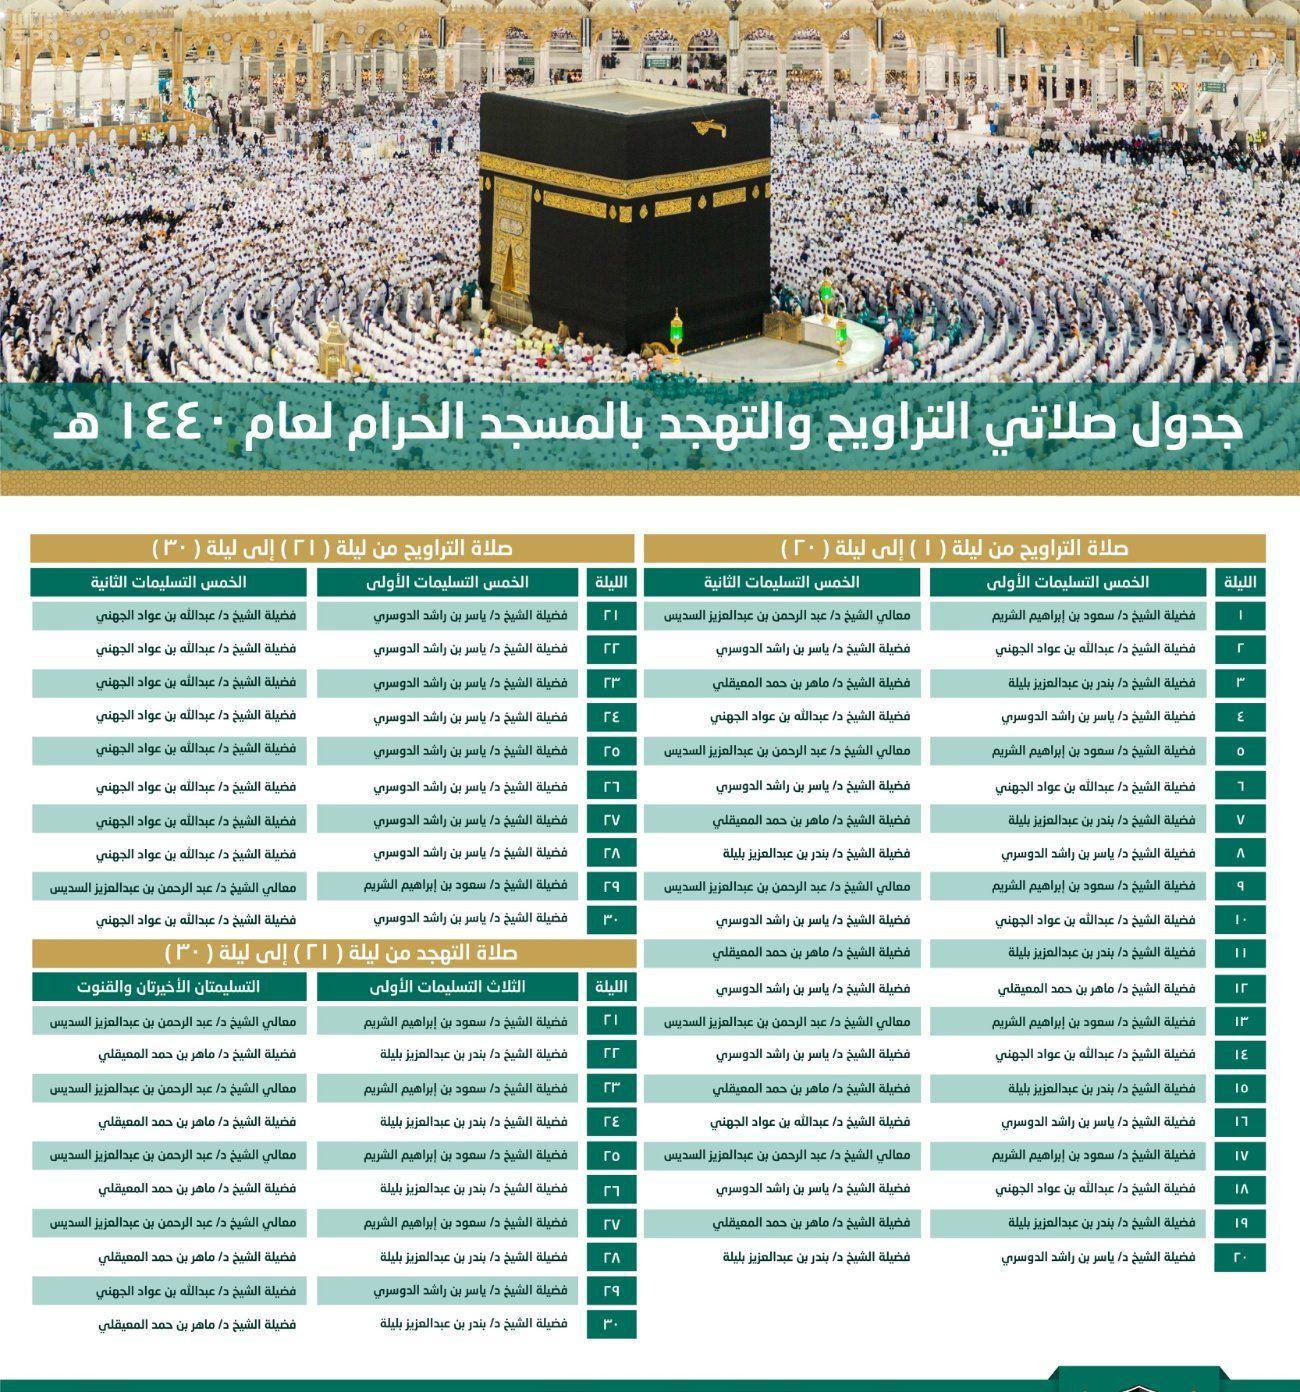 جدول الحرمين الشريفين لرمضان 1440 شبكة سما الزلفي Alae Daily News Sal